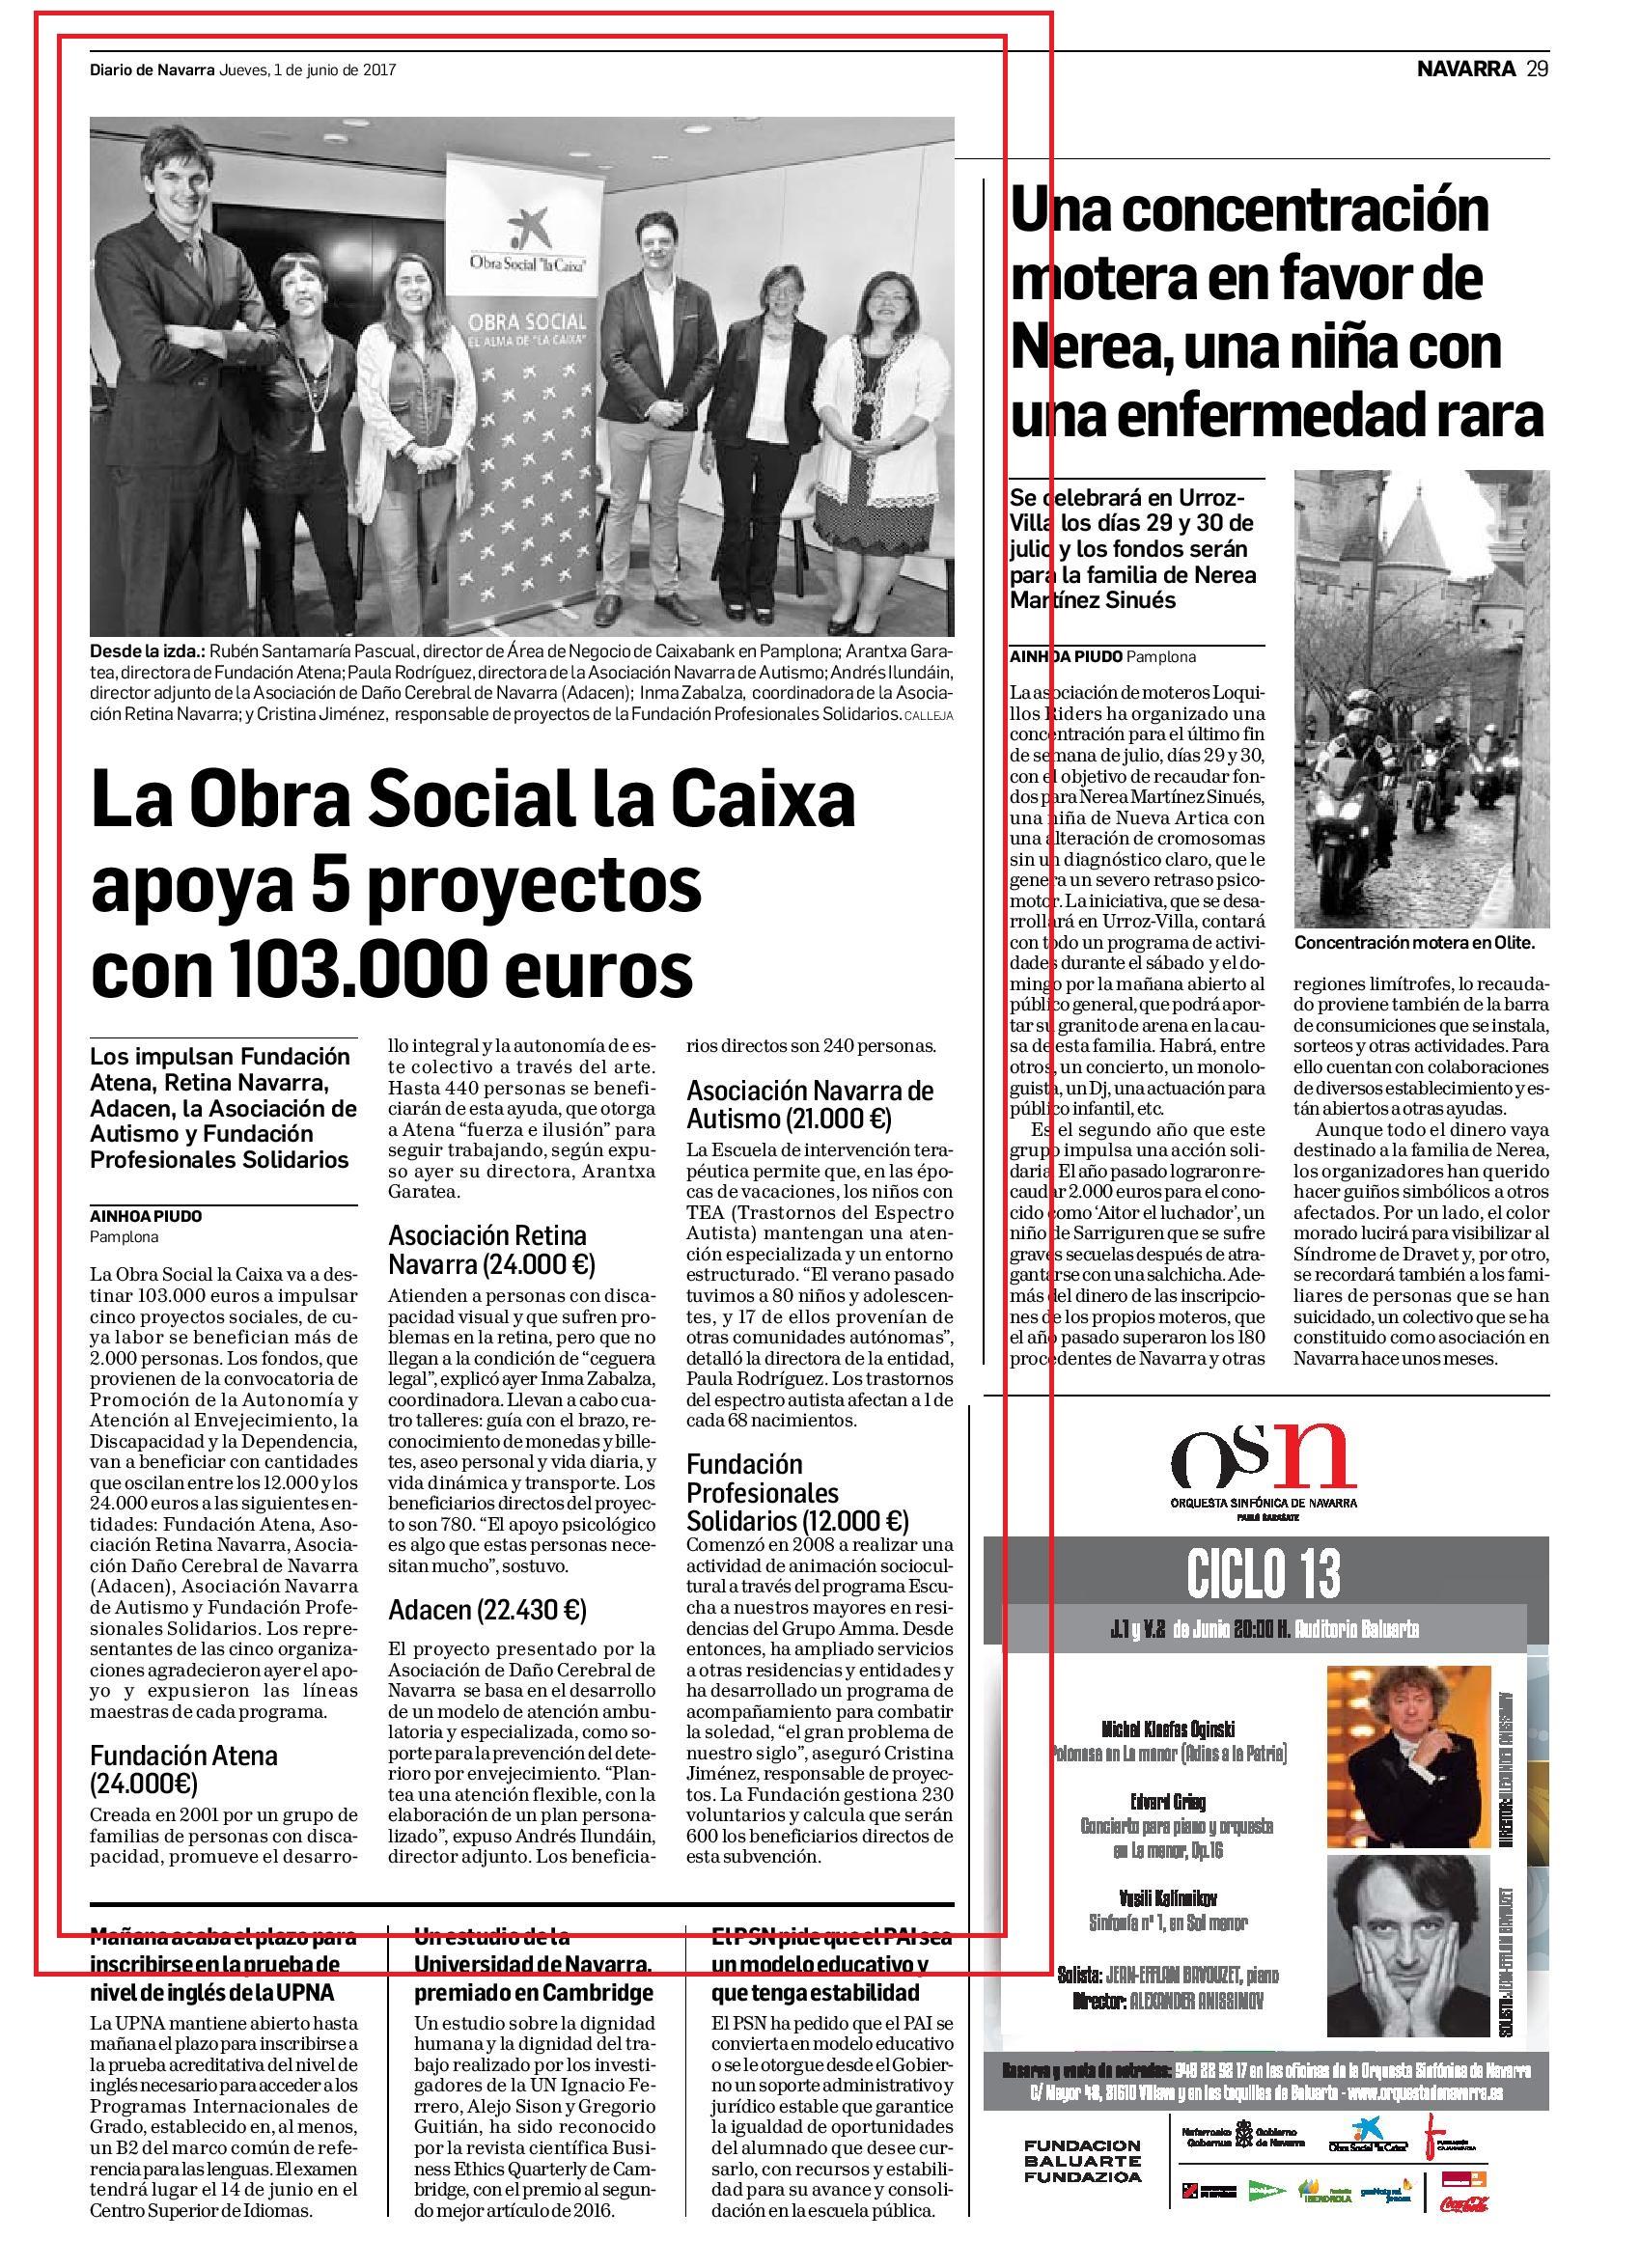 20170601 - Diario de Navarra - Navarra - pag 29-page-001